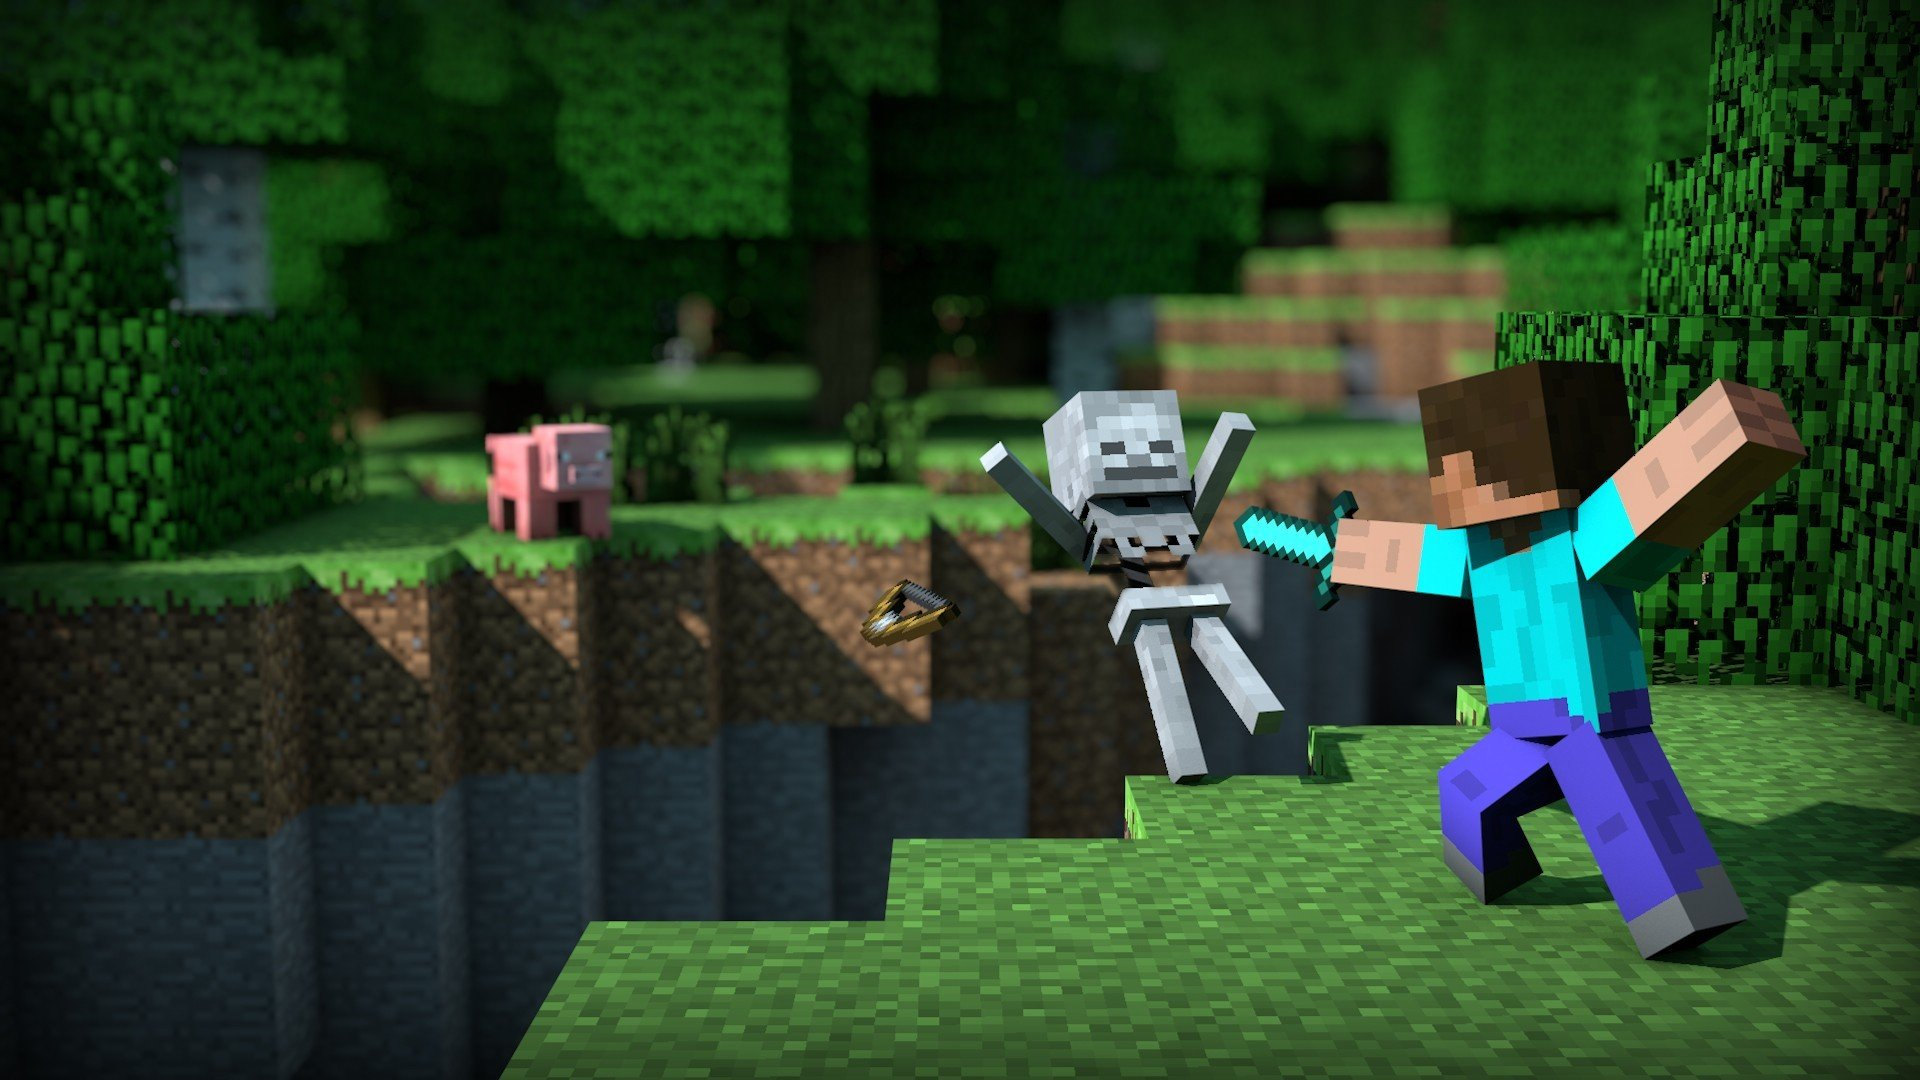 Minecraft Startet Nicht Das Kann Man Bei Problemen Tun GIGA - Minecraft spielen ohne runterzuladen